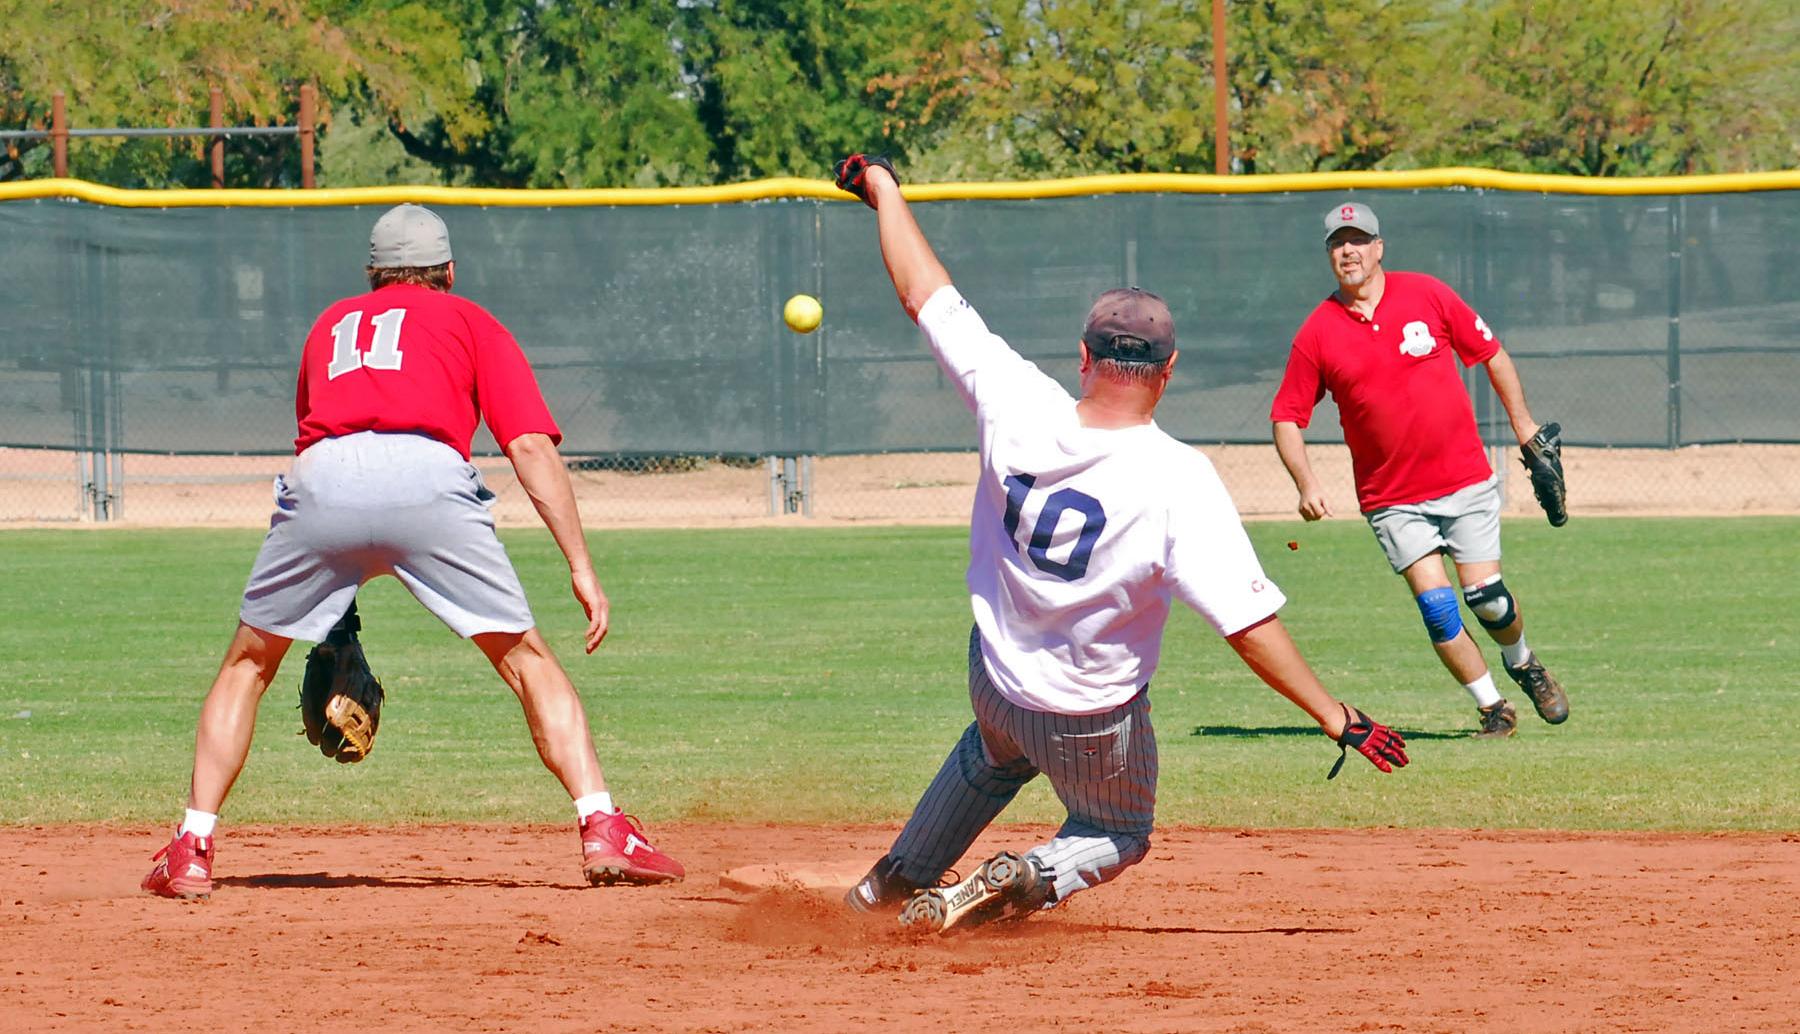 Terry Hennessy se desliza hacia segunda base en un juego de béisbol